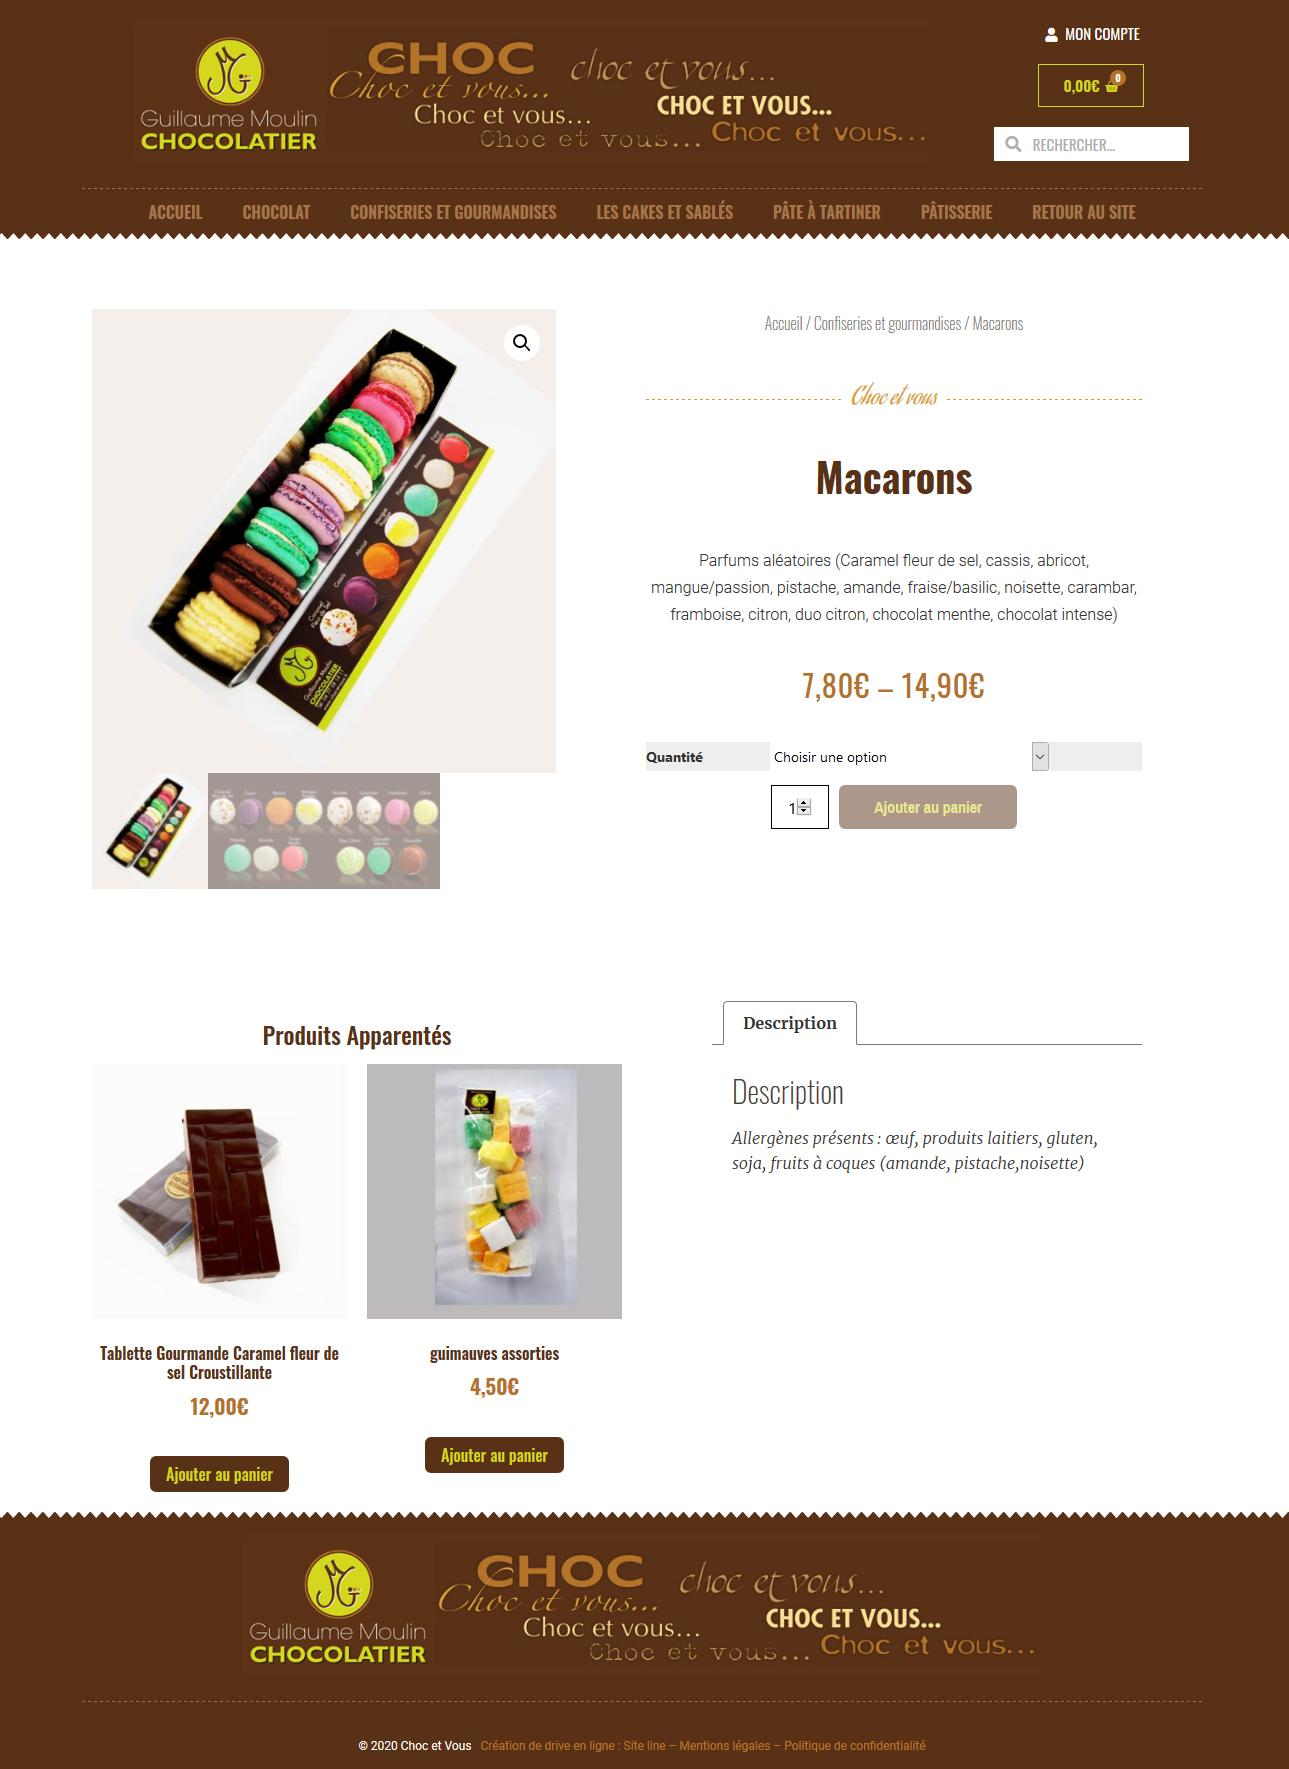 créateur site internet click and collect